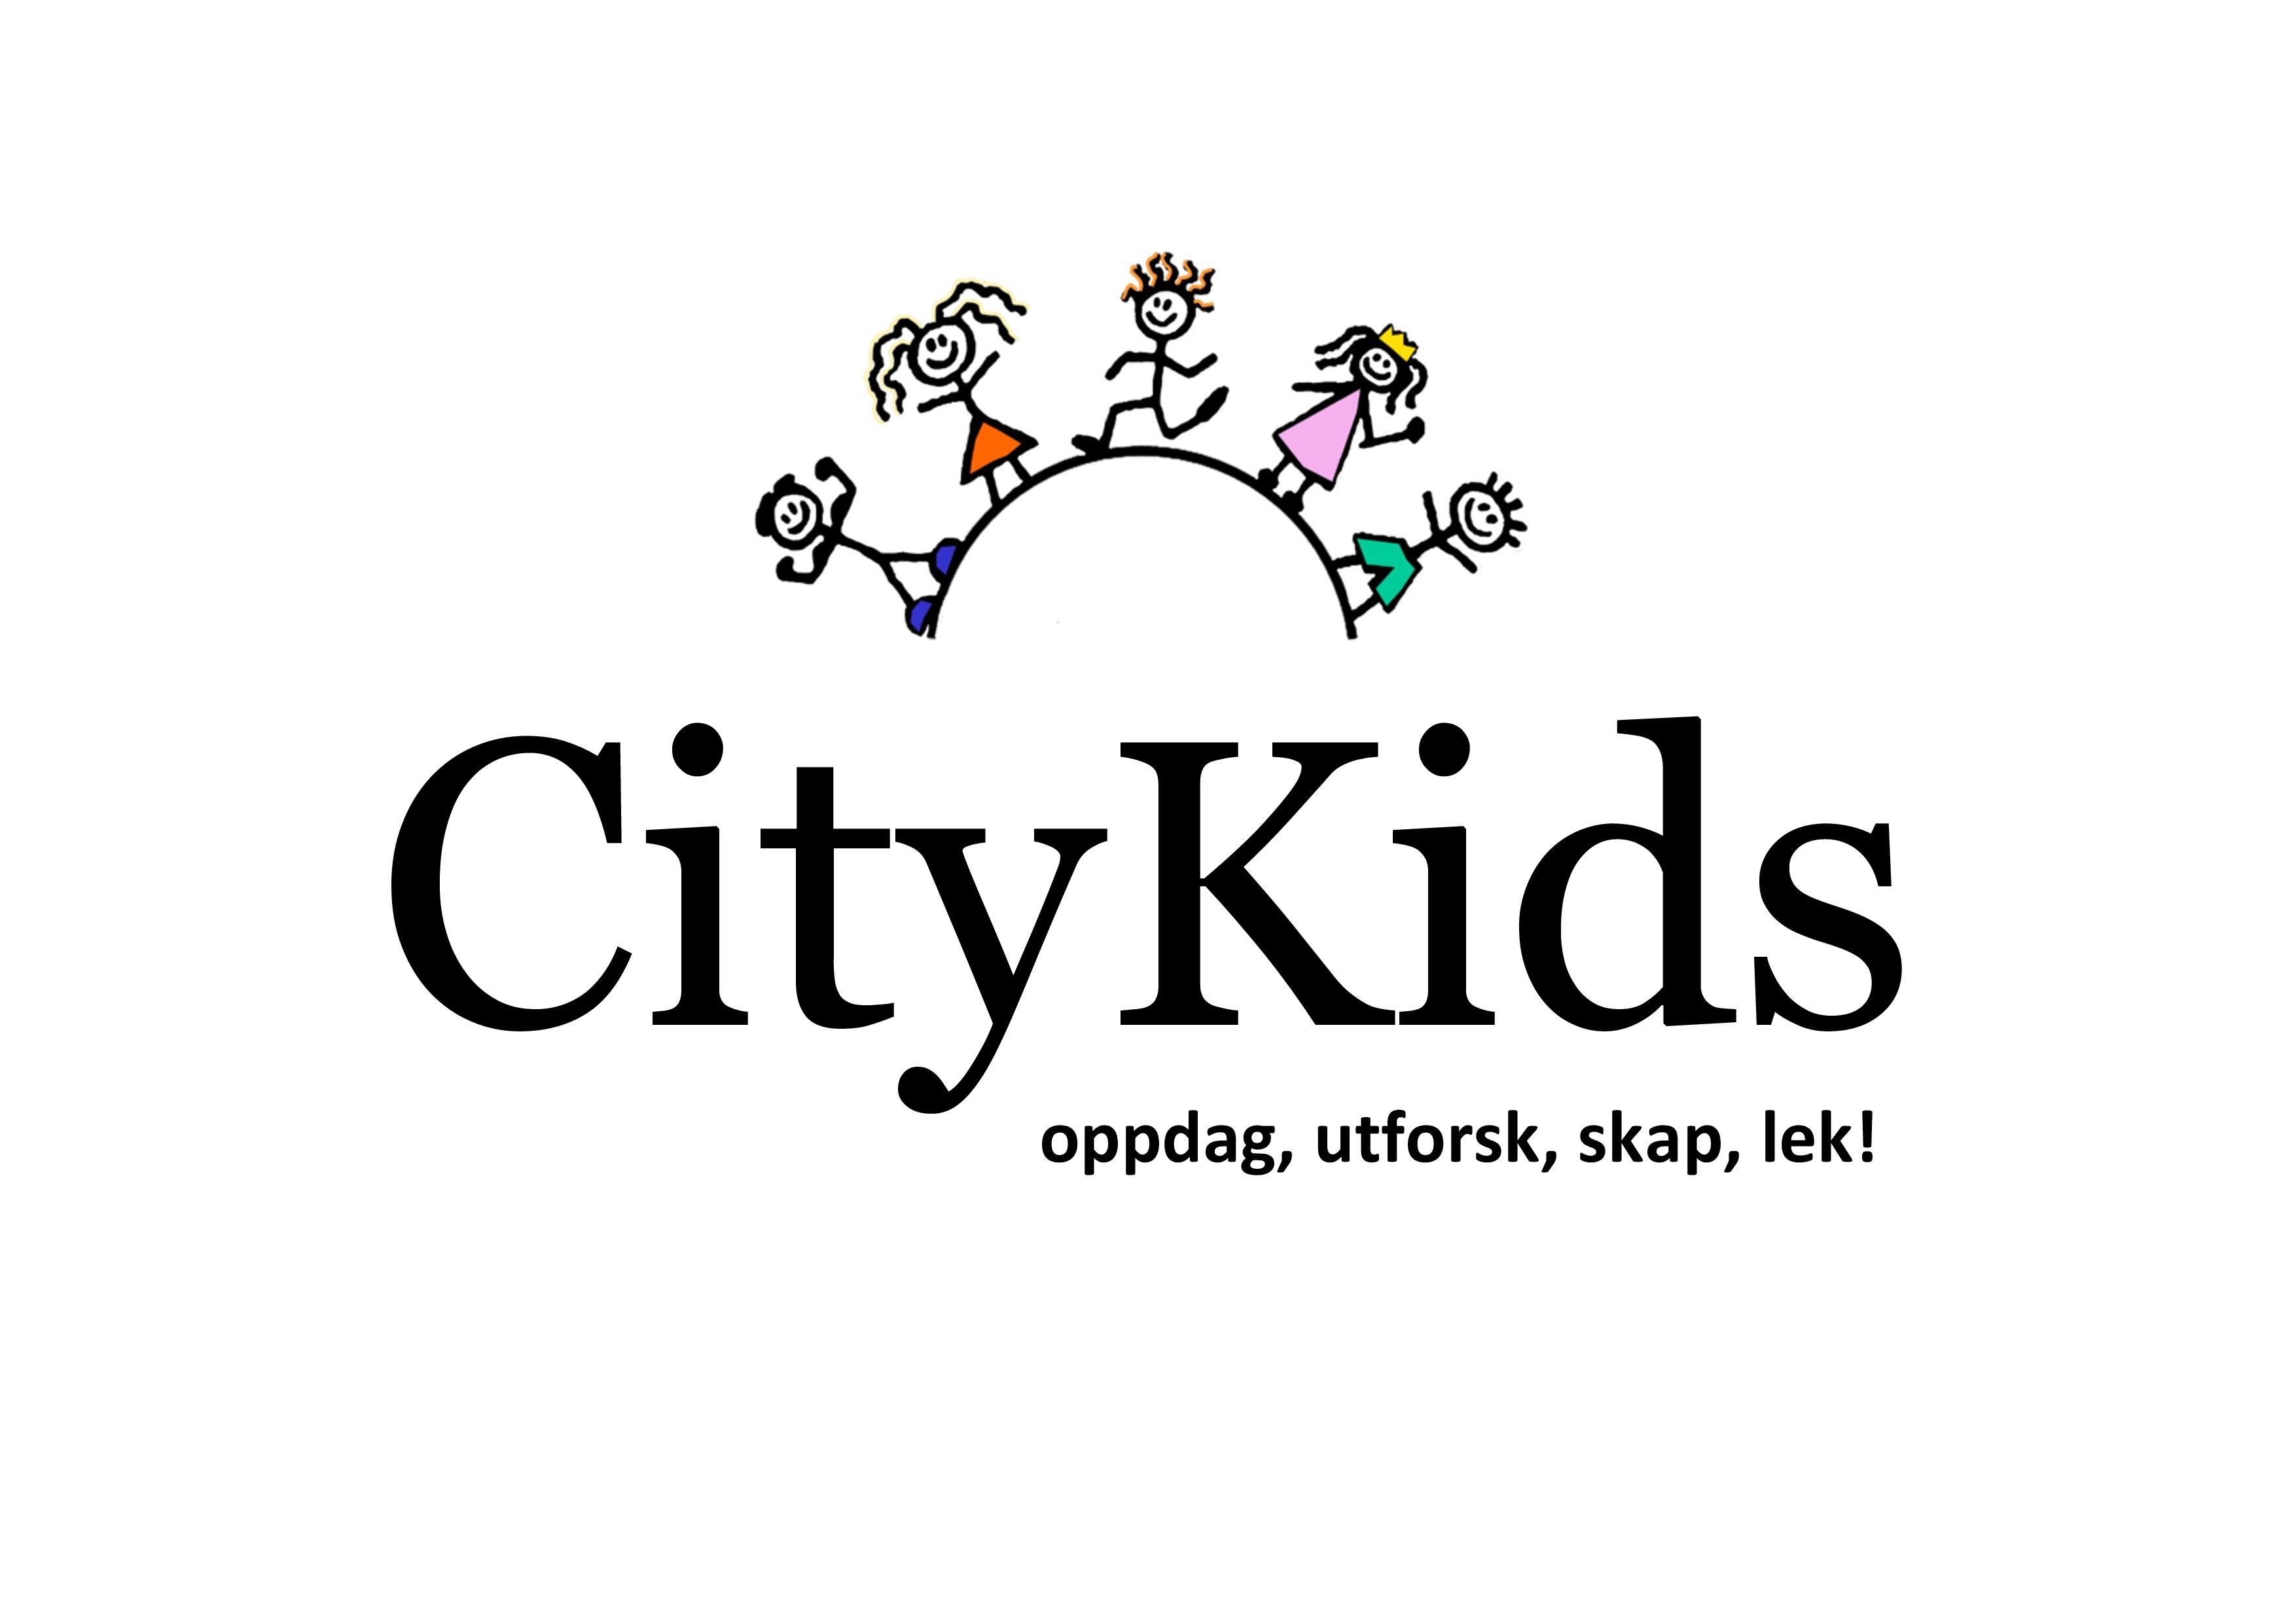 Citykids logo